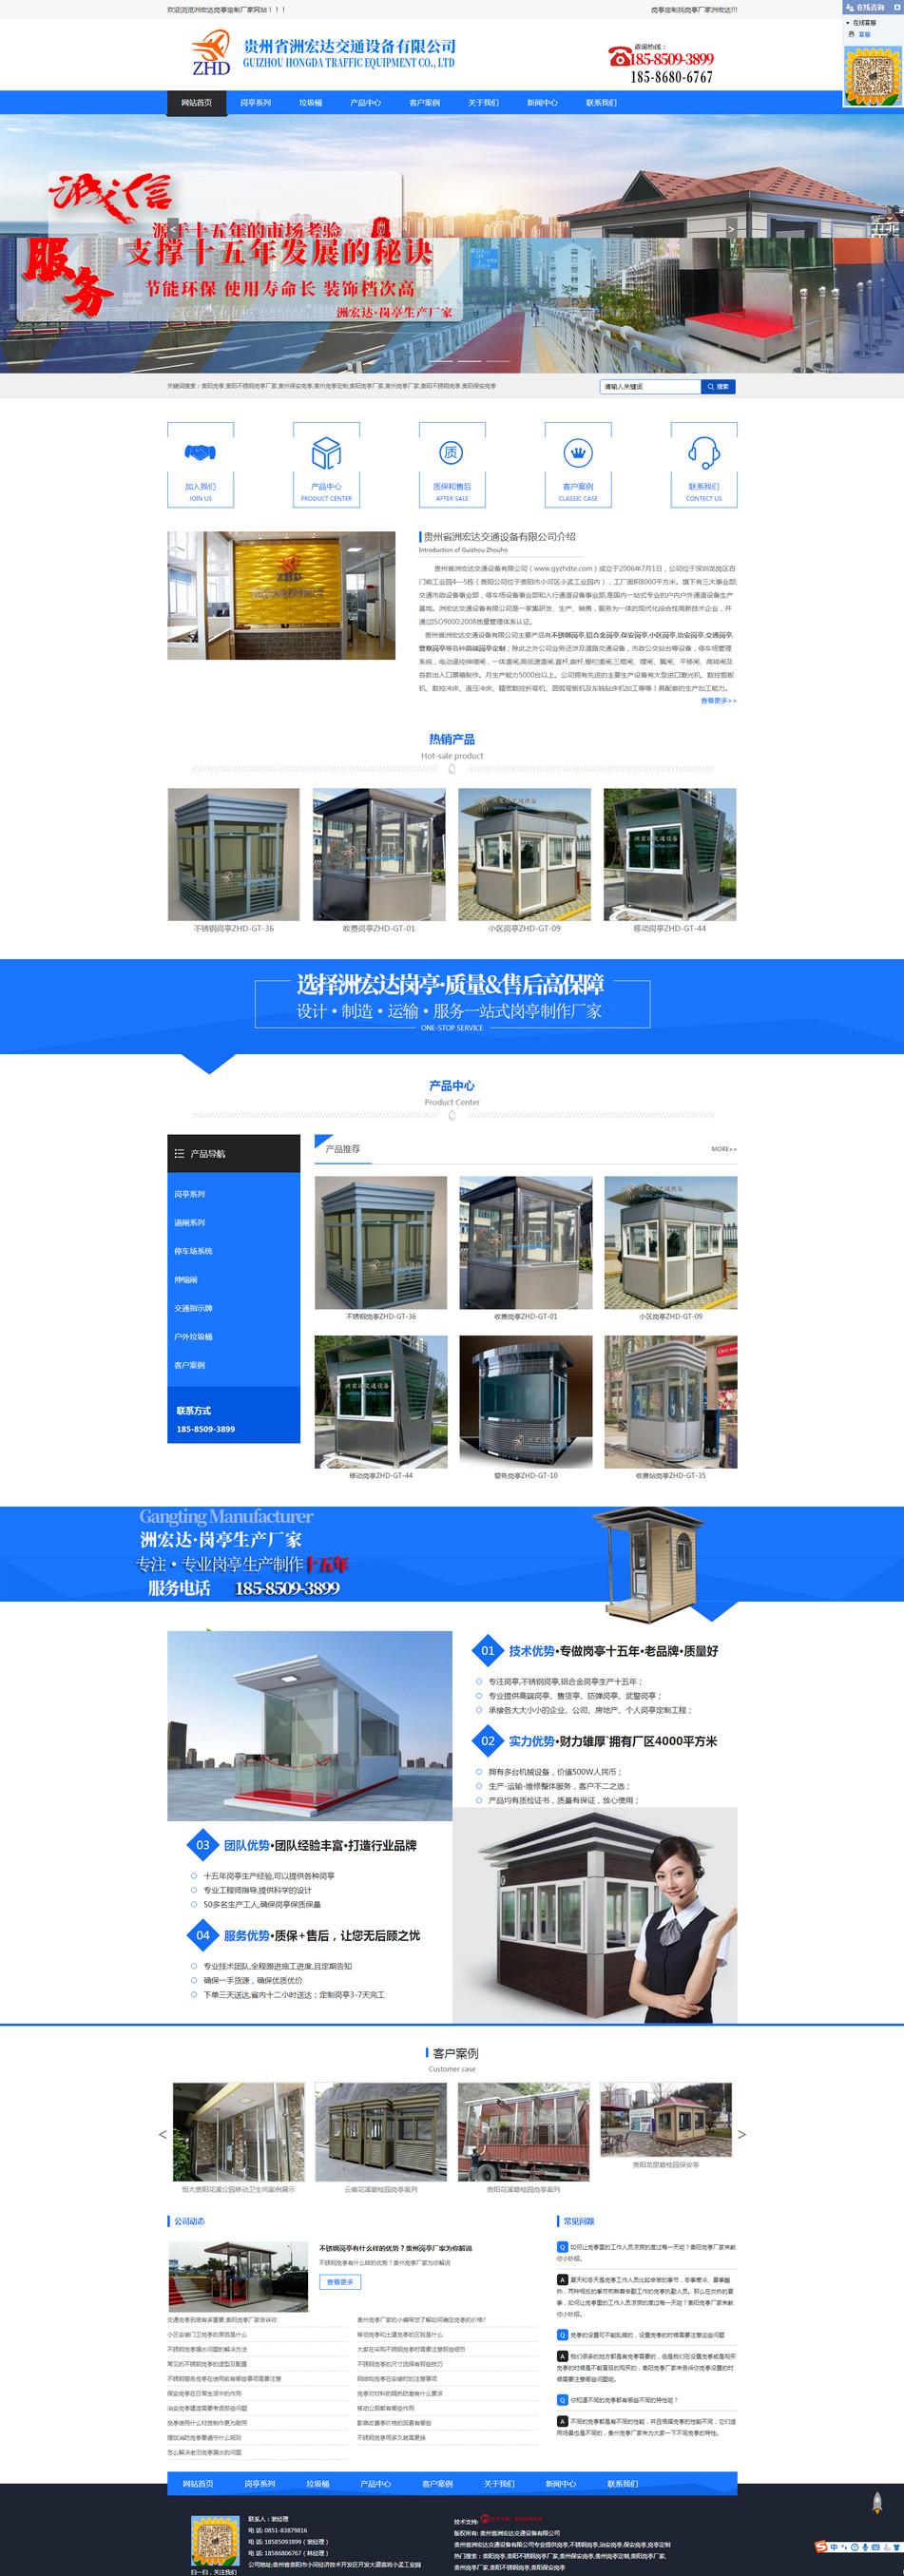 貴州網站建設多少錢